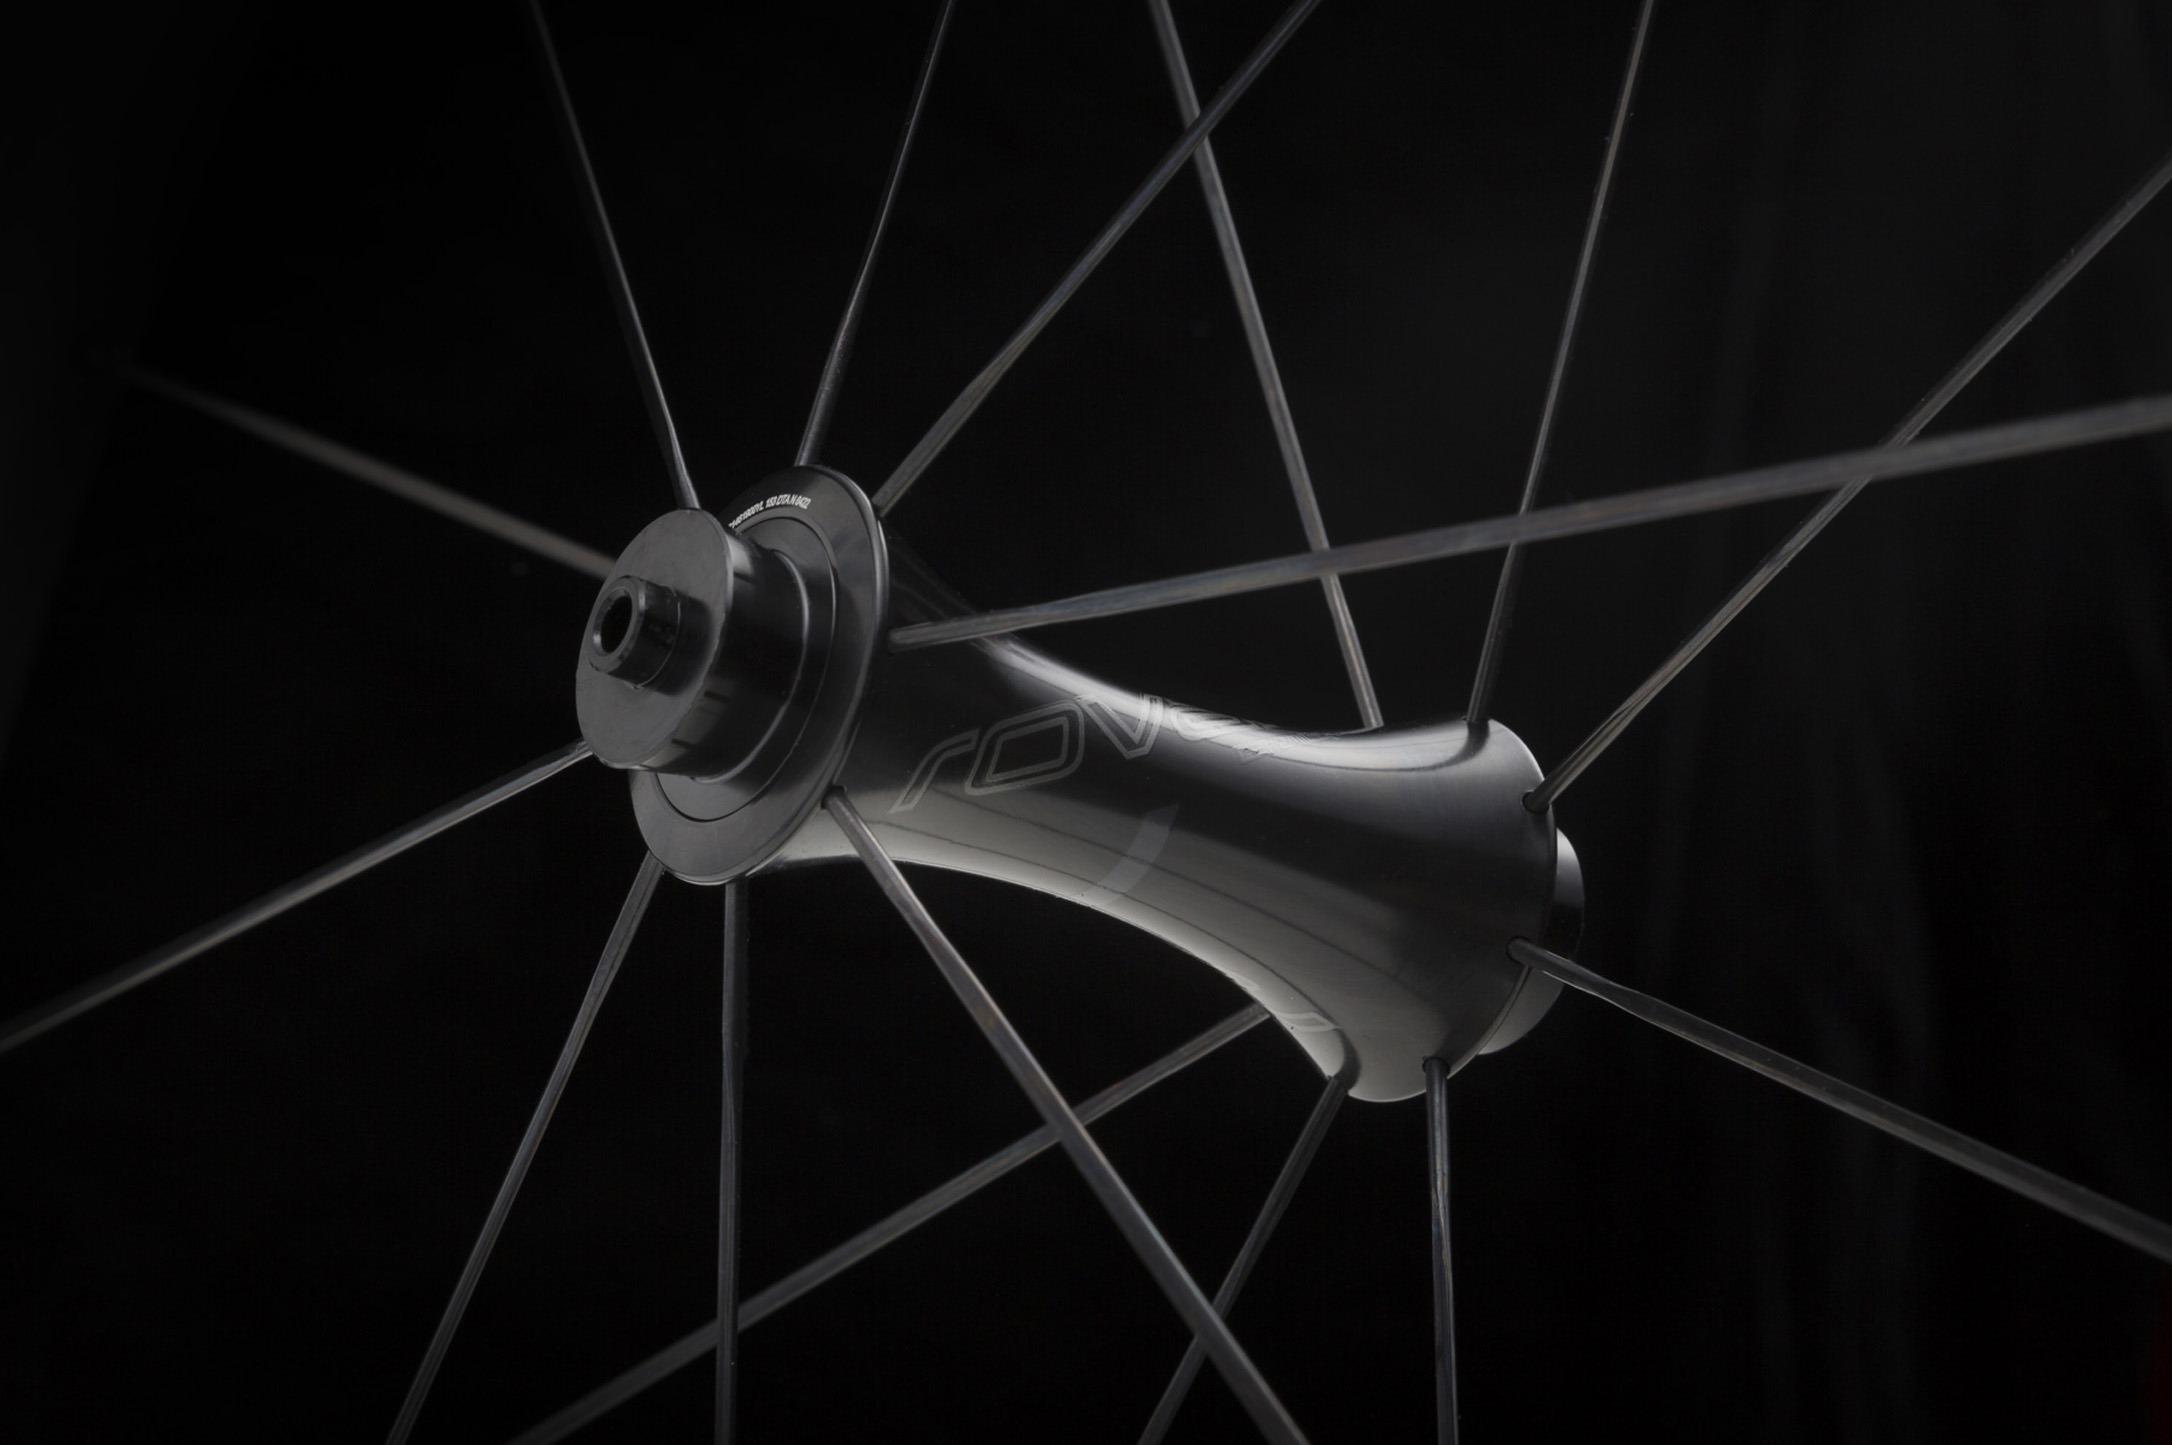 Specialized Venge ViAS Roval Wheels